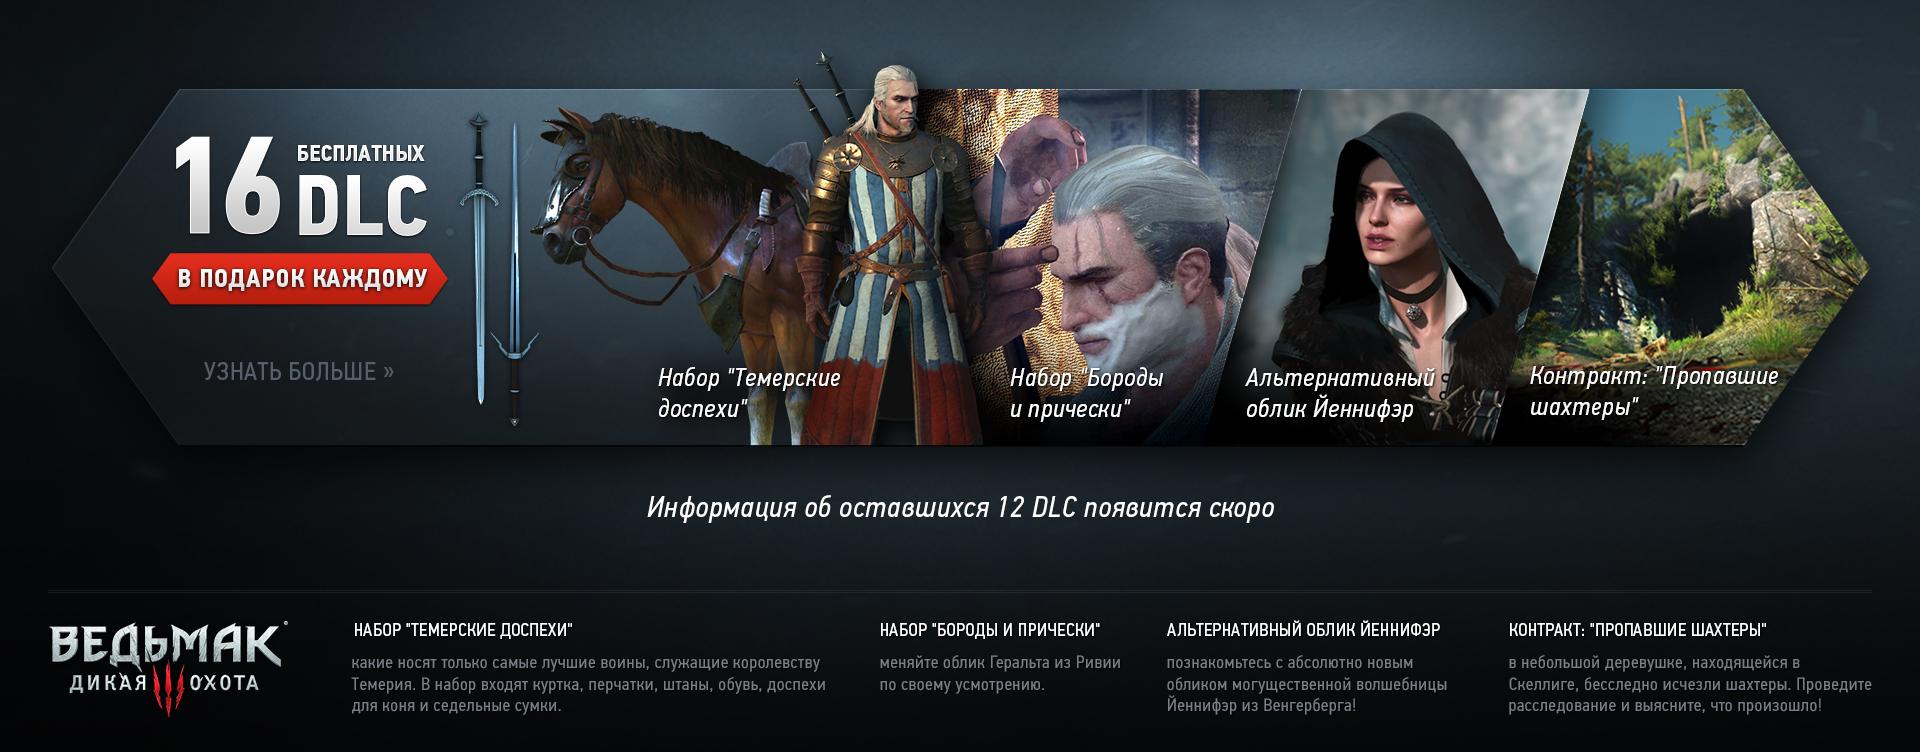 Ведьмак 3: Дикая Охота — 16 бесплатных DLC для каждого - Изображение 2